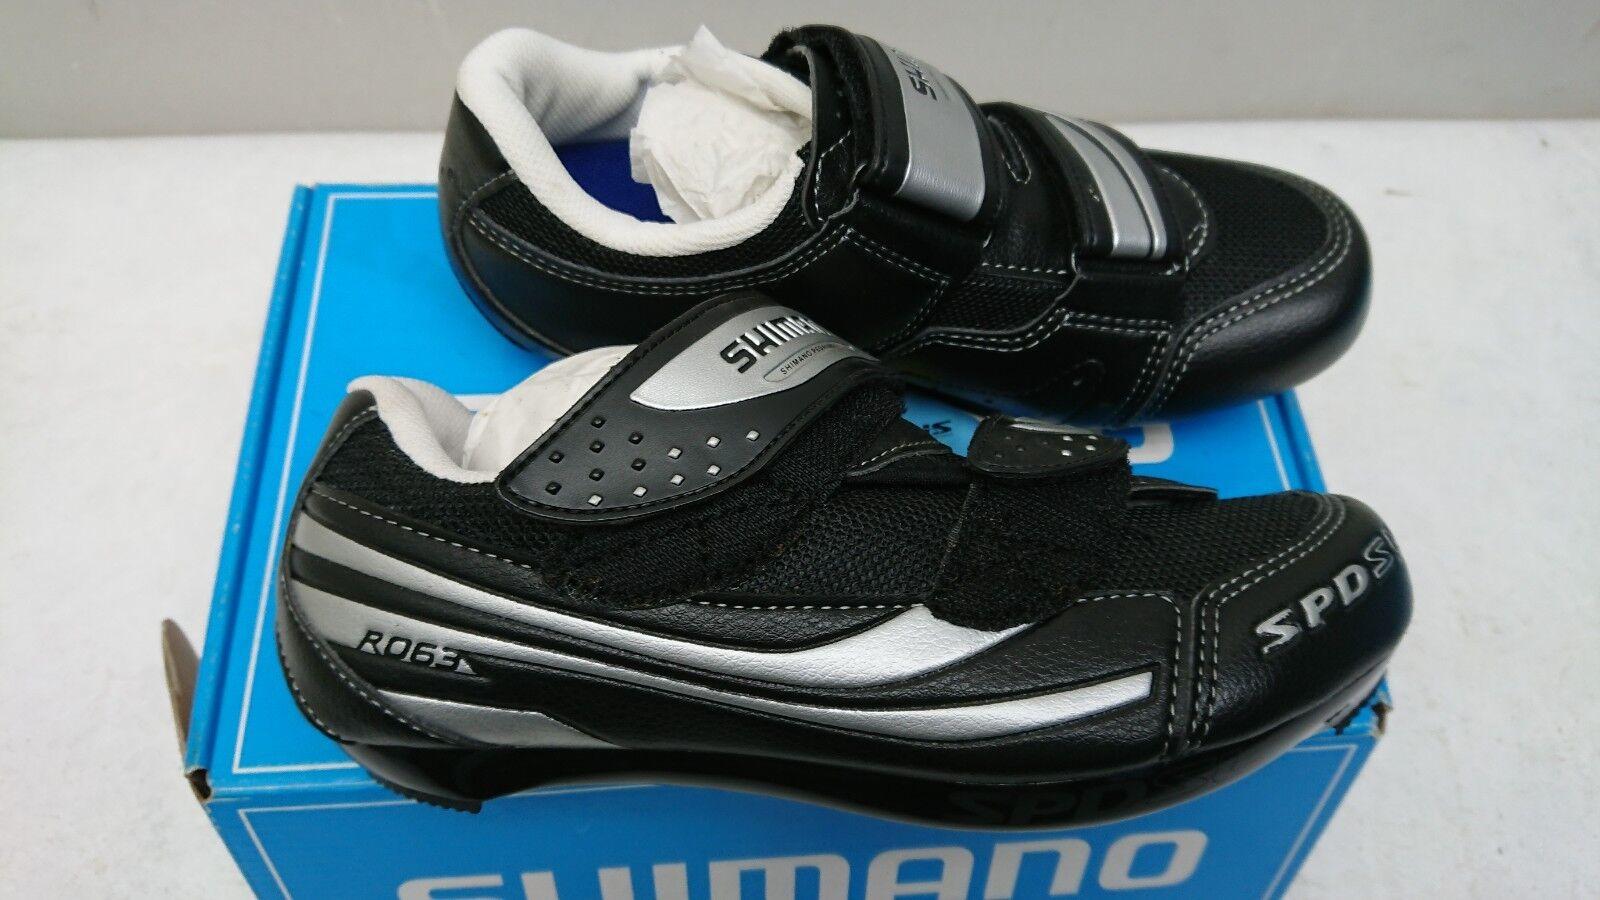 Shimano Cycling Shoes SH - R063 (Uk 4, Eu 37, Us 4.5)